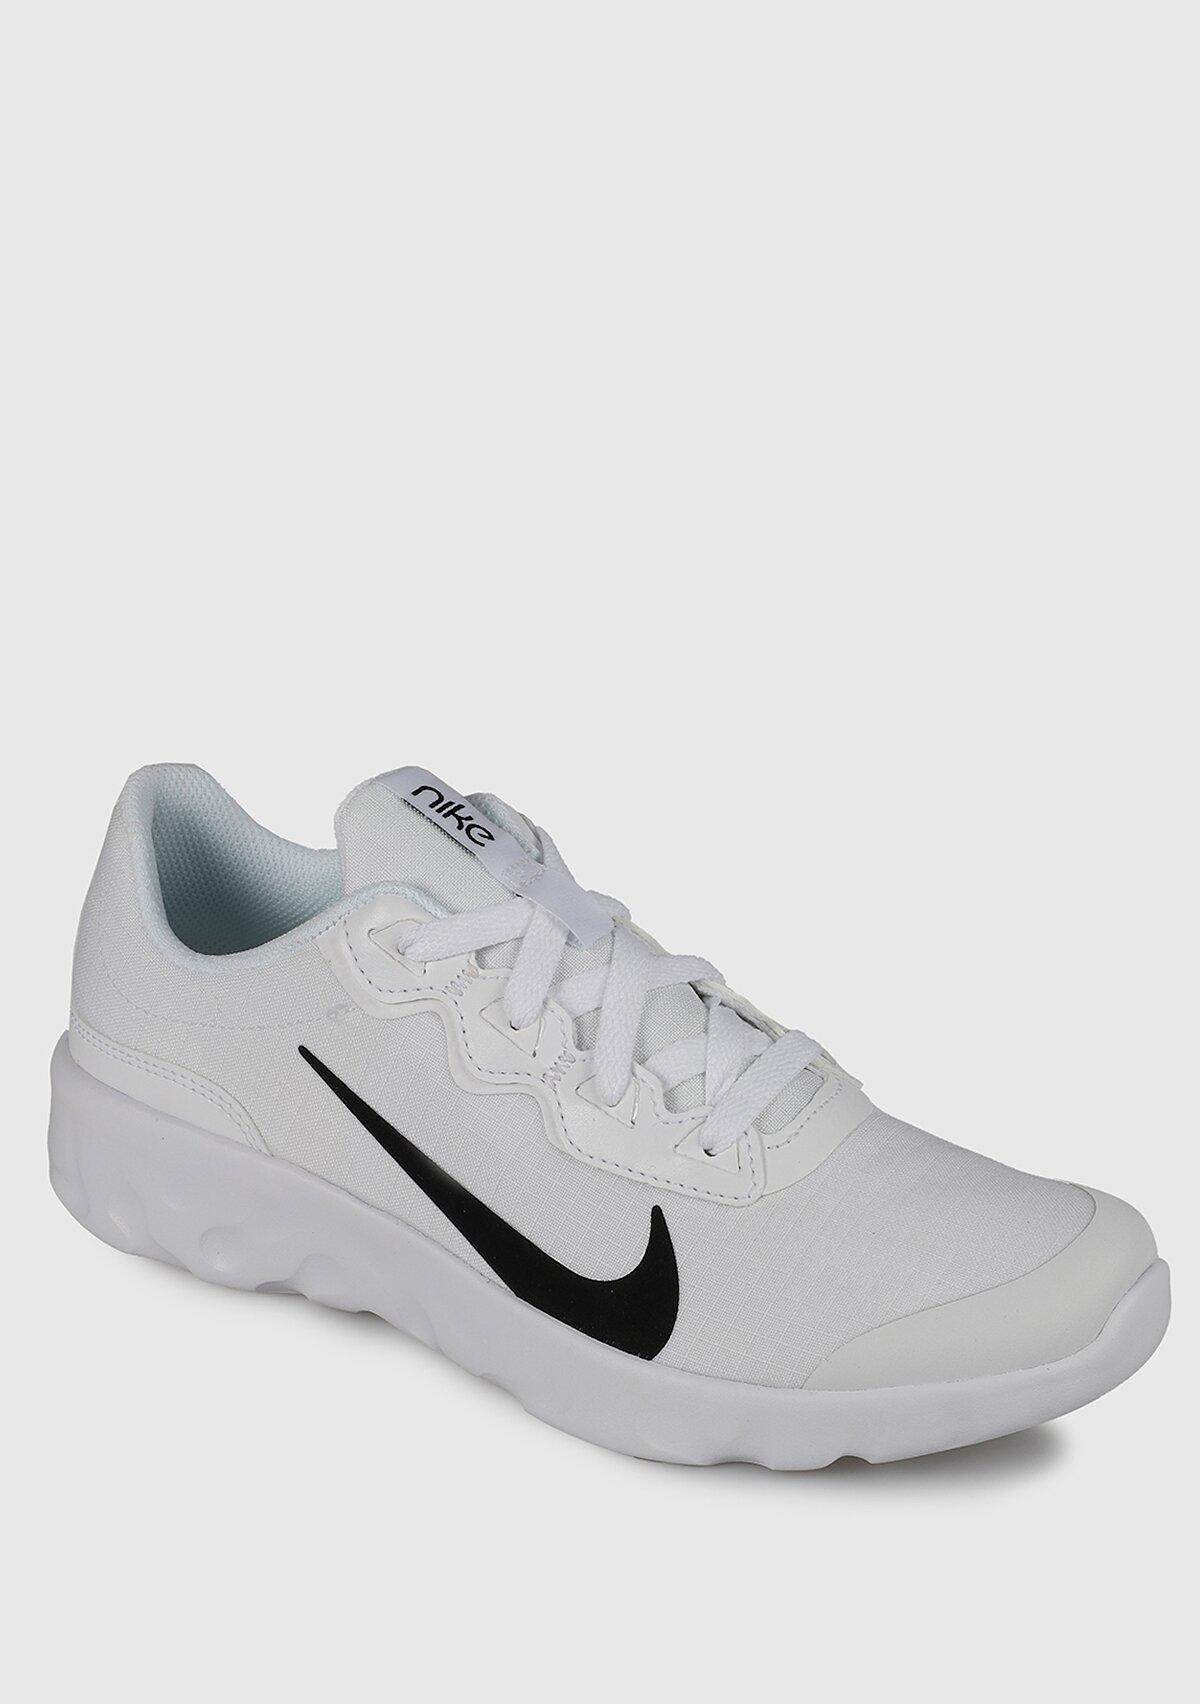 resm Explore Strada Beyaz Kadın Koşu Ayakkabısı Cd9017-100